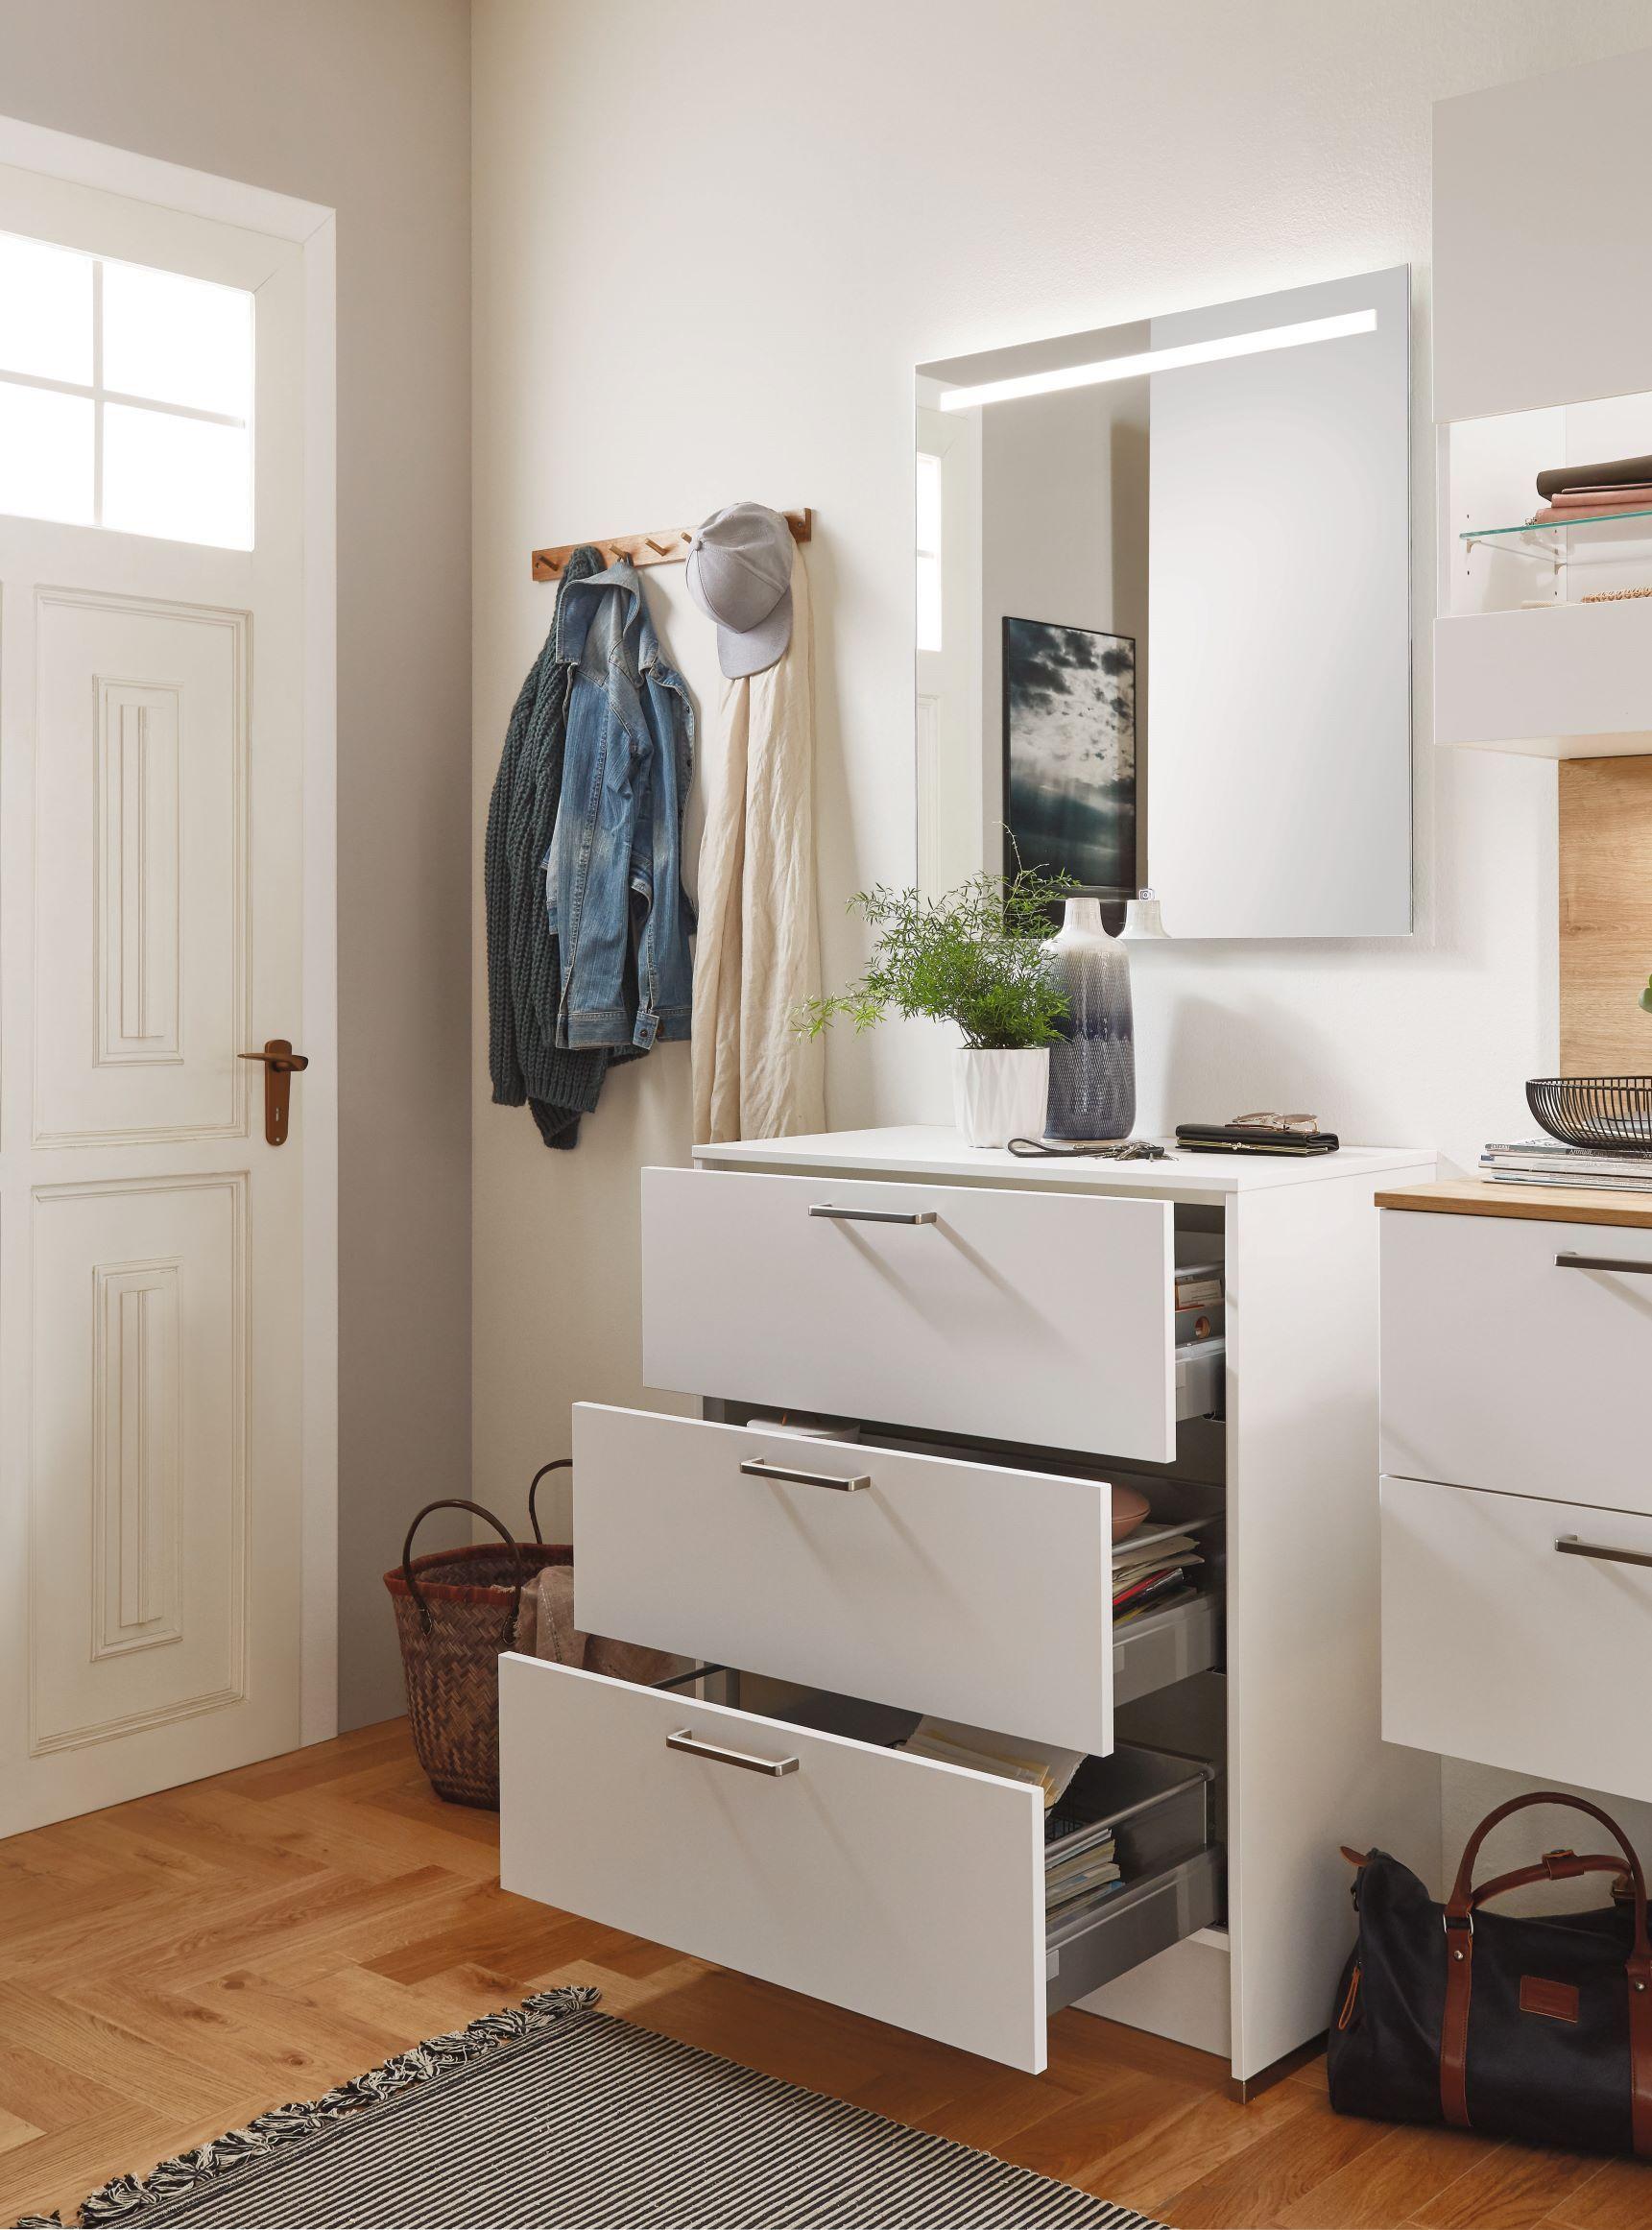 Full Size of Nobilia Kommode Mit 3 Schubladen 80 Cm Unterschrank Wei U3a Küche Einbauküche Wohnzimmer Nobilia Besteckeinsatz